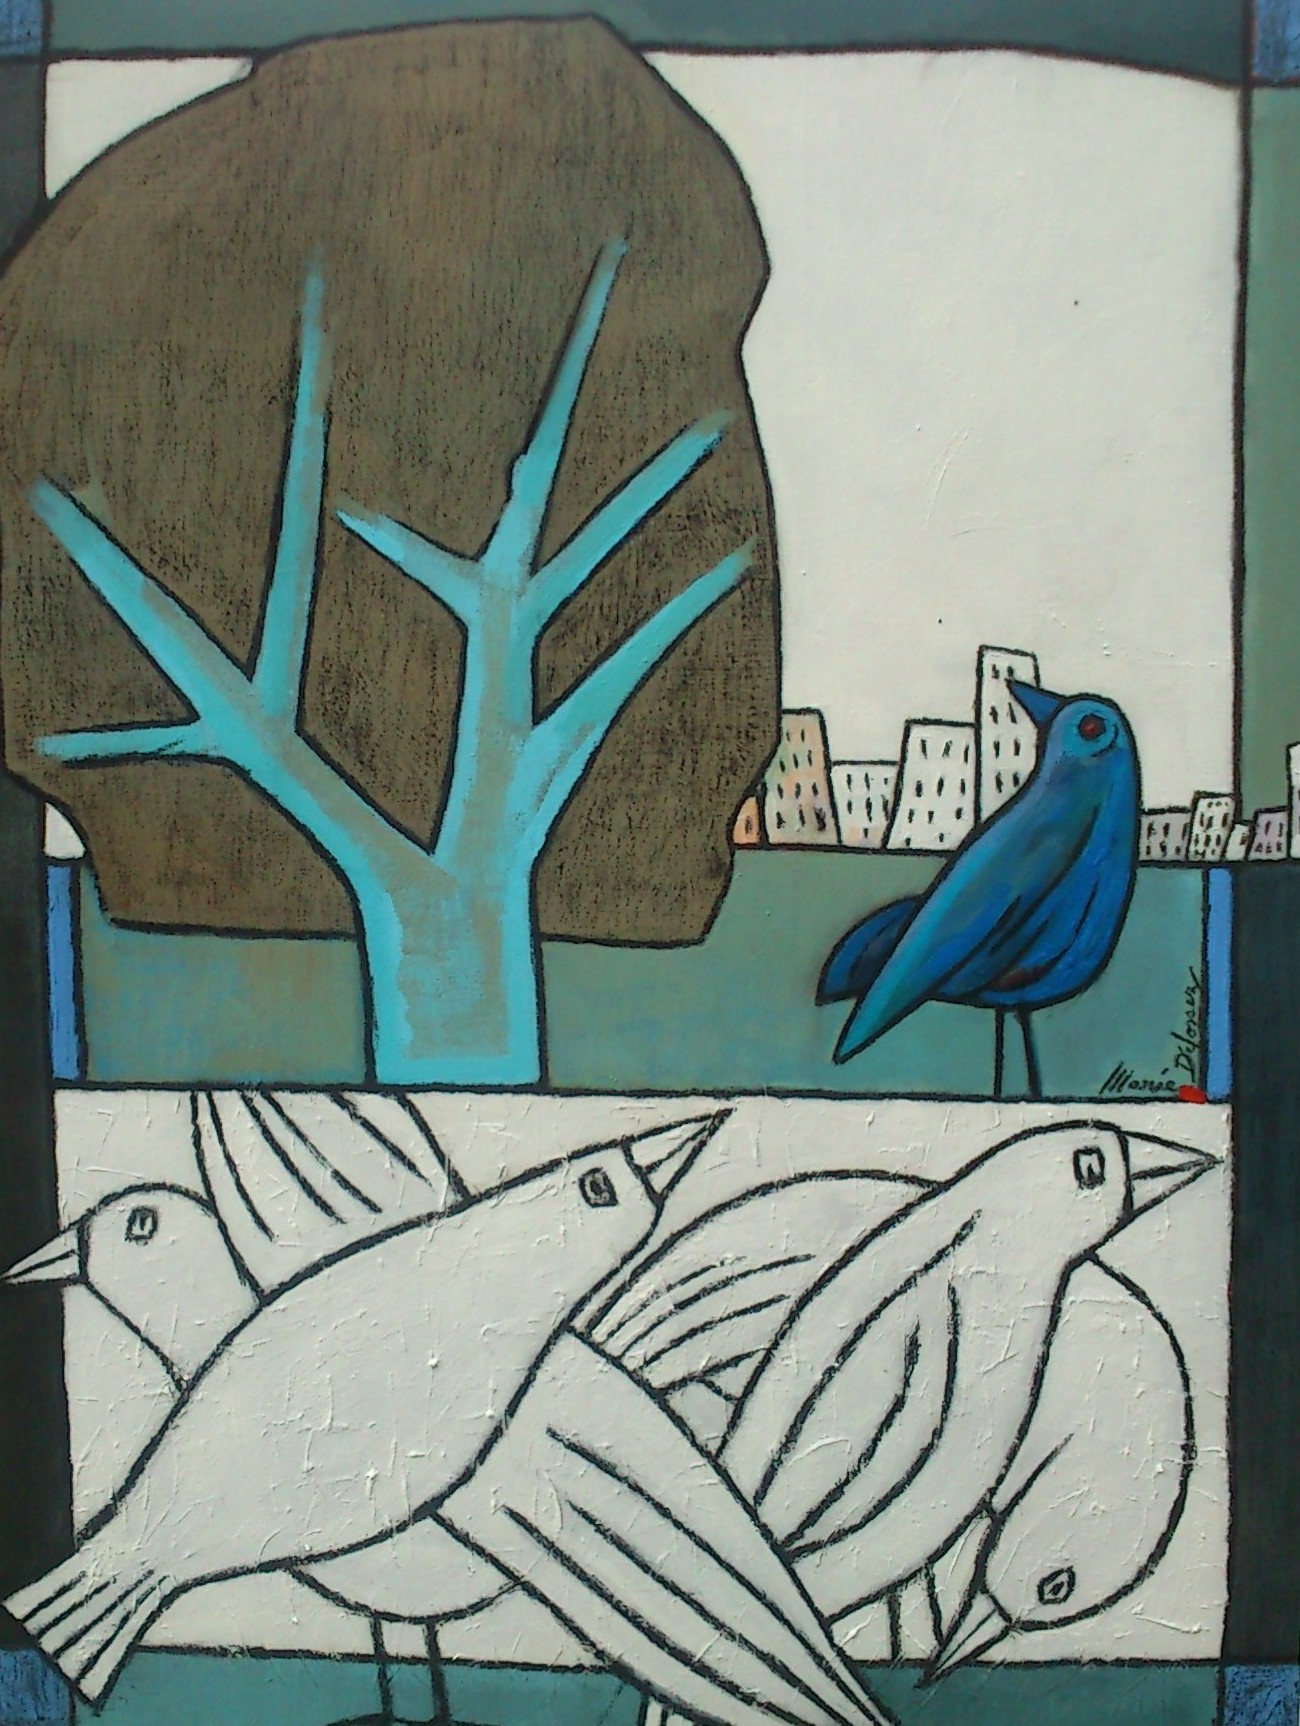 L'arbre et les oiseaux